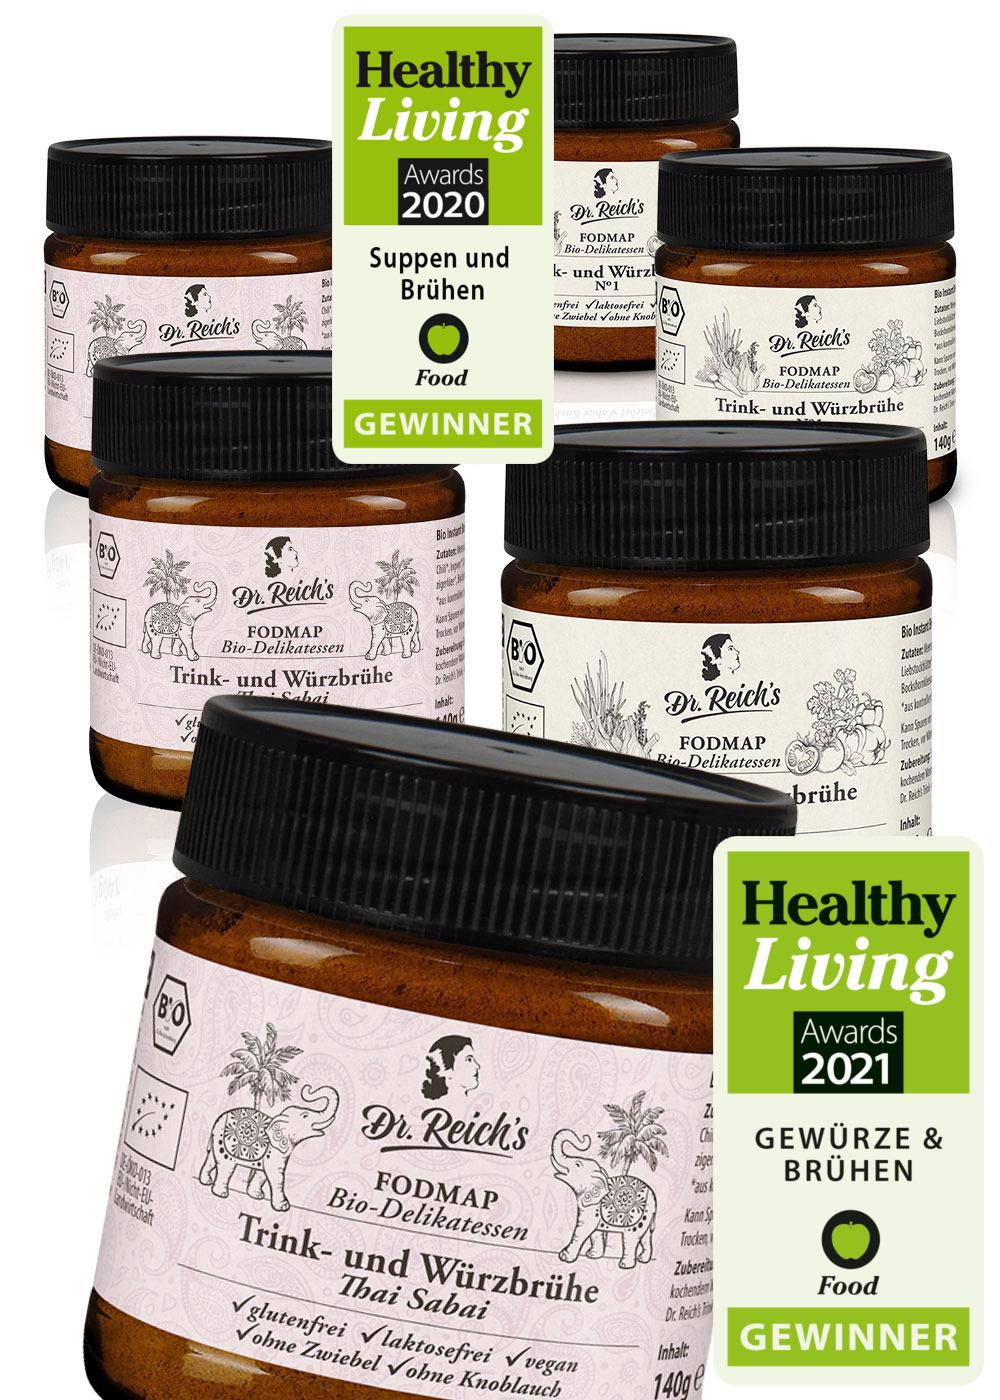 FODMAP Frei von Box mit dem Healthy Living Award 2020 und 2021 für Dr. Reich´s